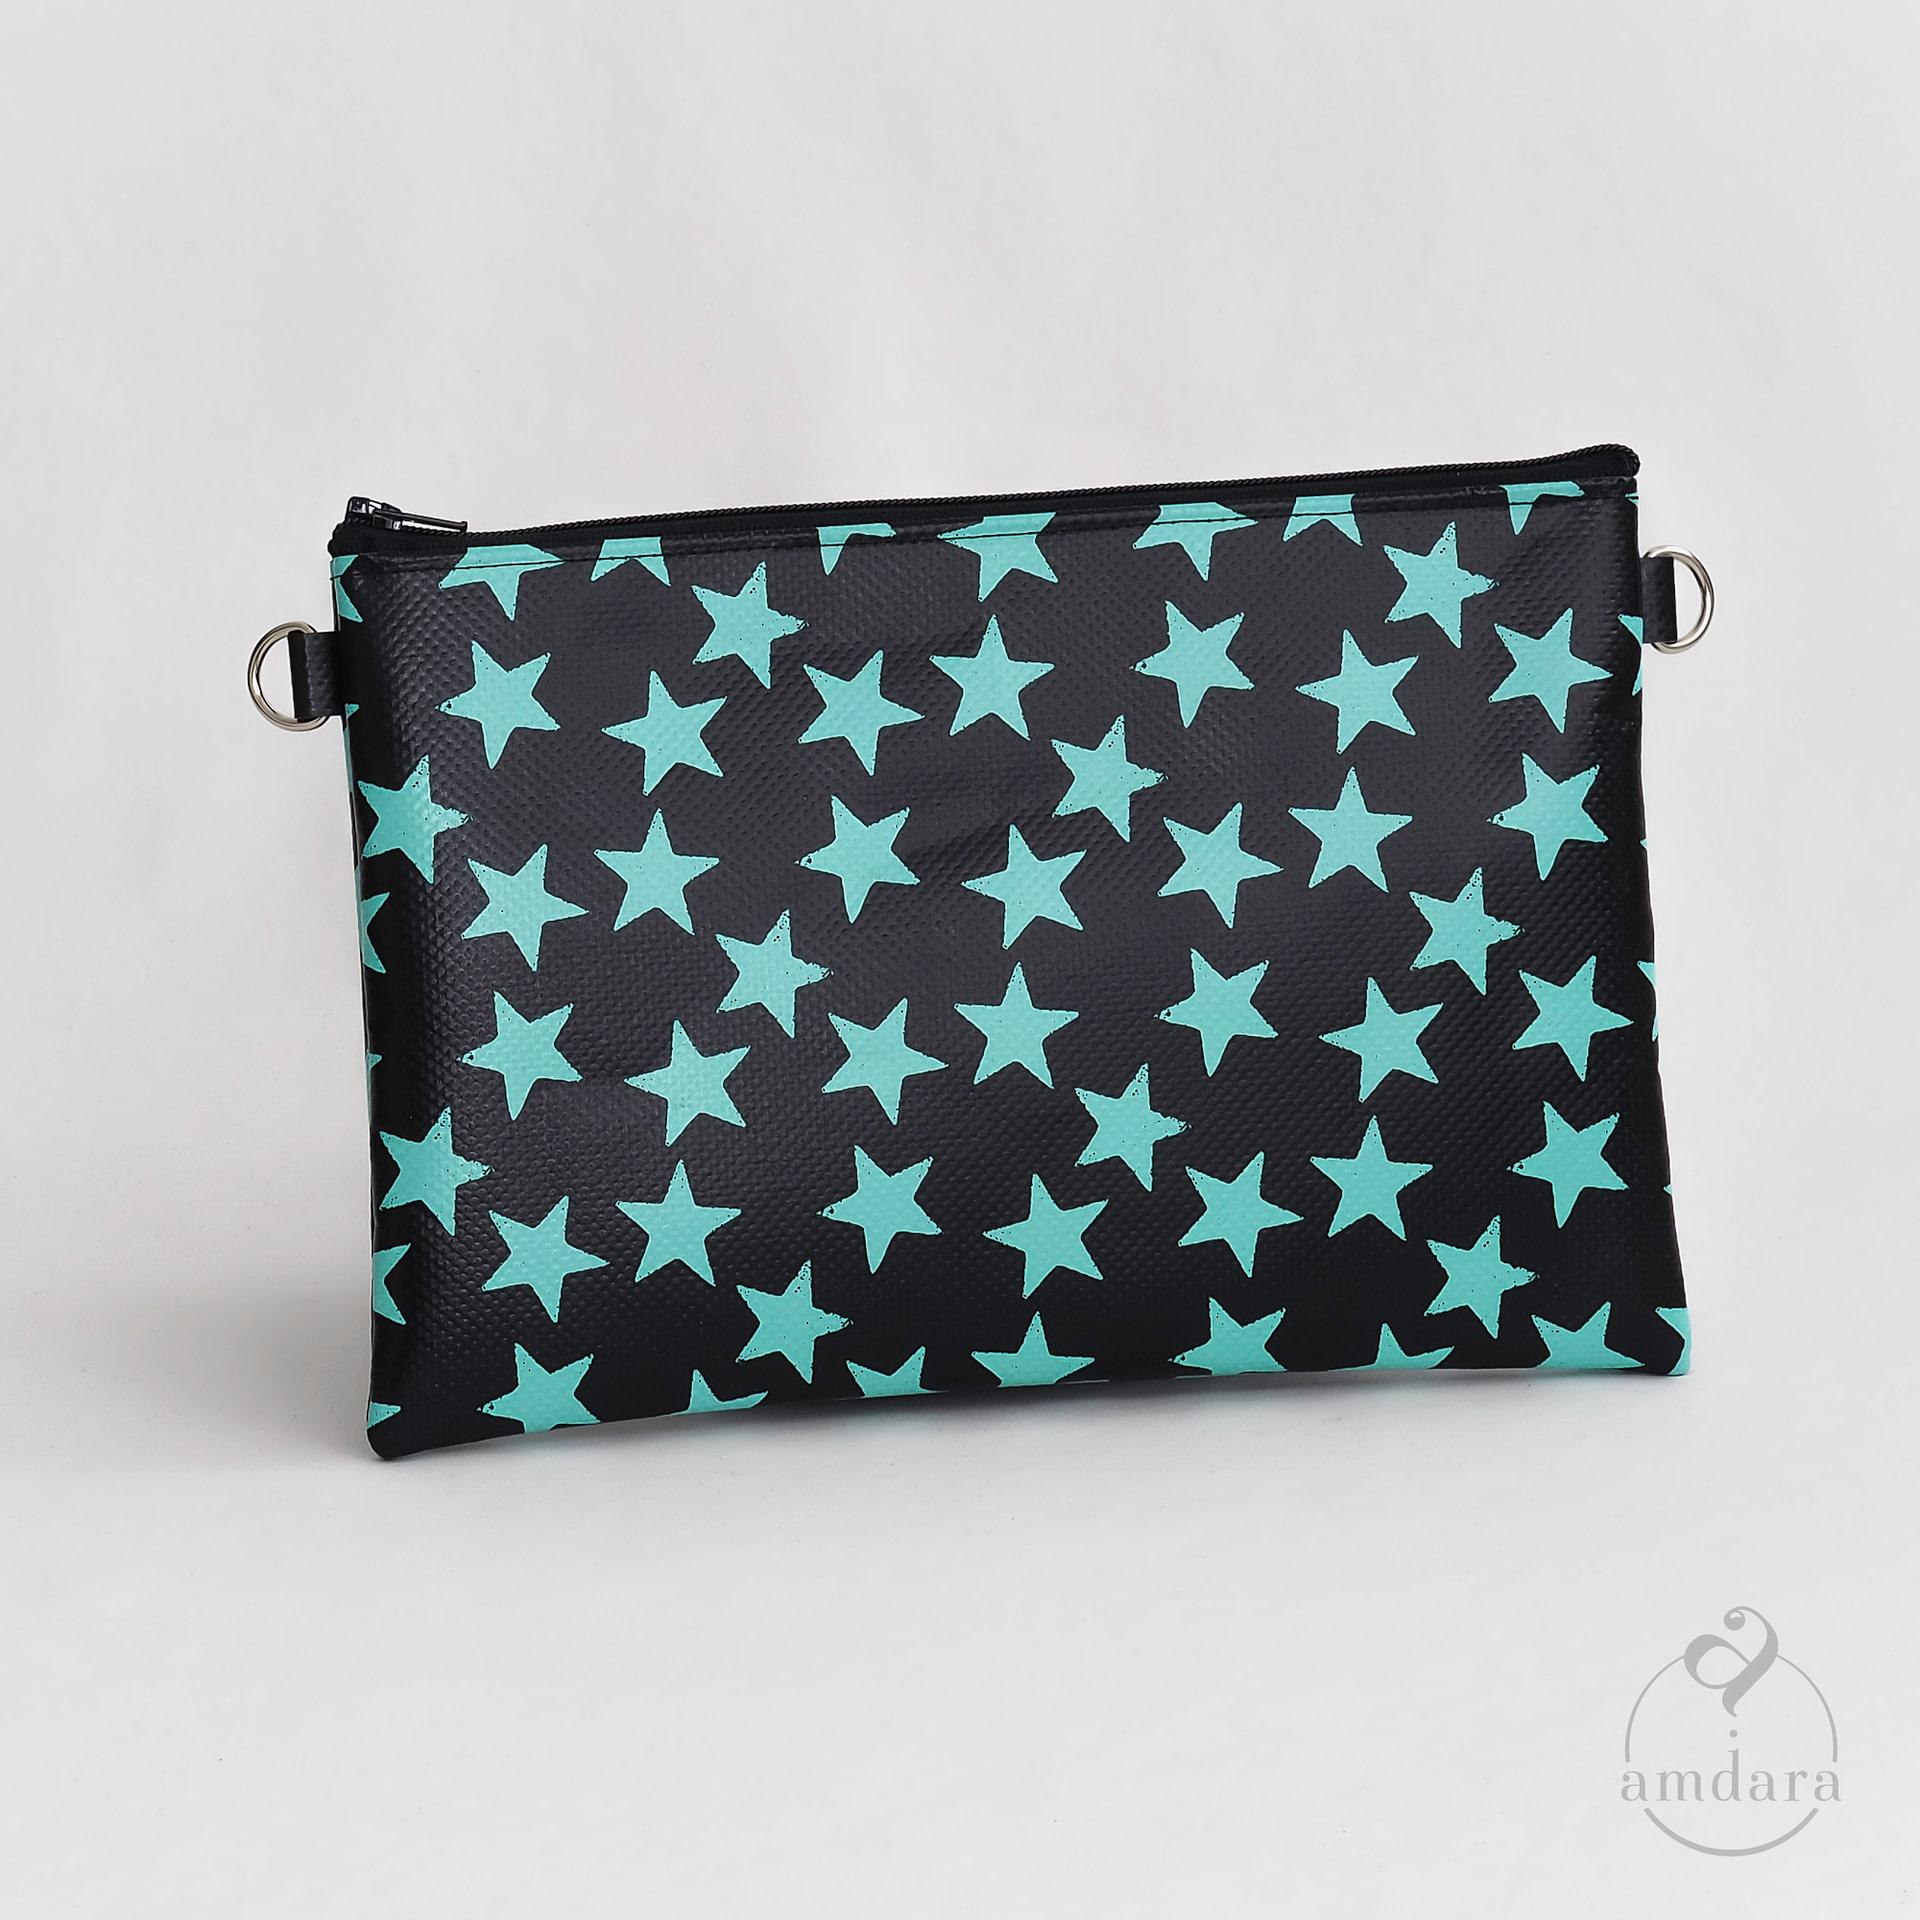 Tasche Anuya Sterne Print mint auf schwarz